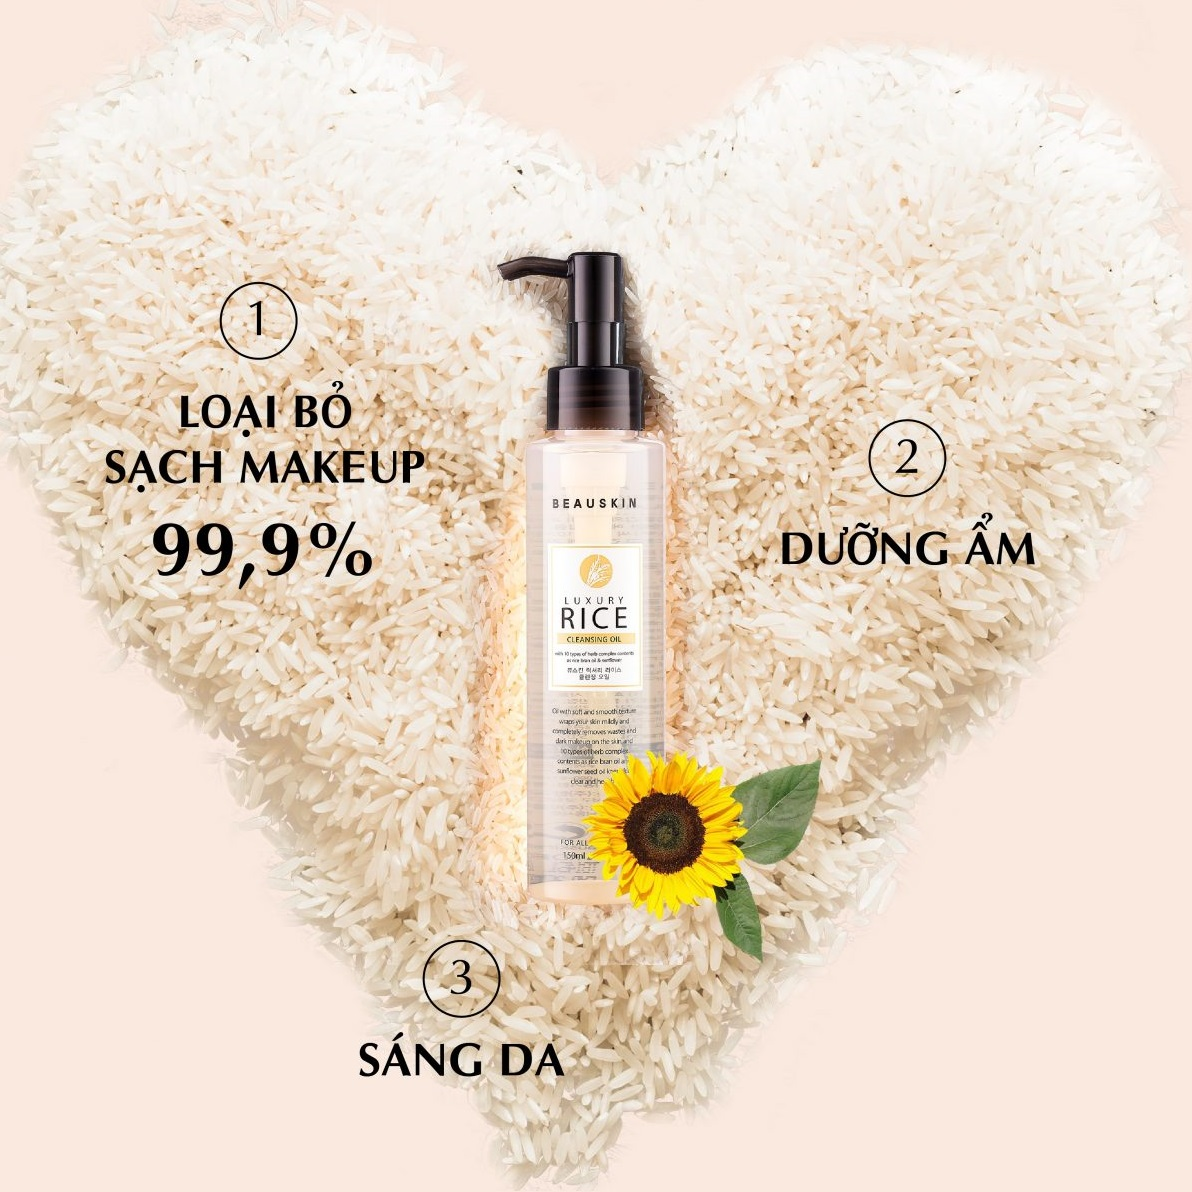 Nước tẩy trang mắt môi từ tinh chất gạo BEAUSKIN LUXURY RICE CLEANSING OIL Hàn quốc 150ml Chai Kèm 1 nơ xinh 4